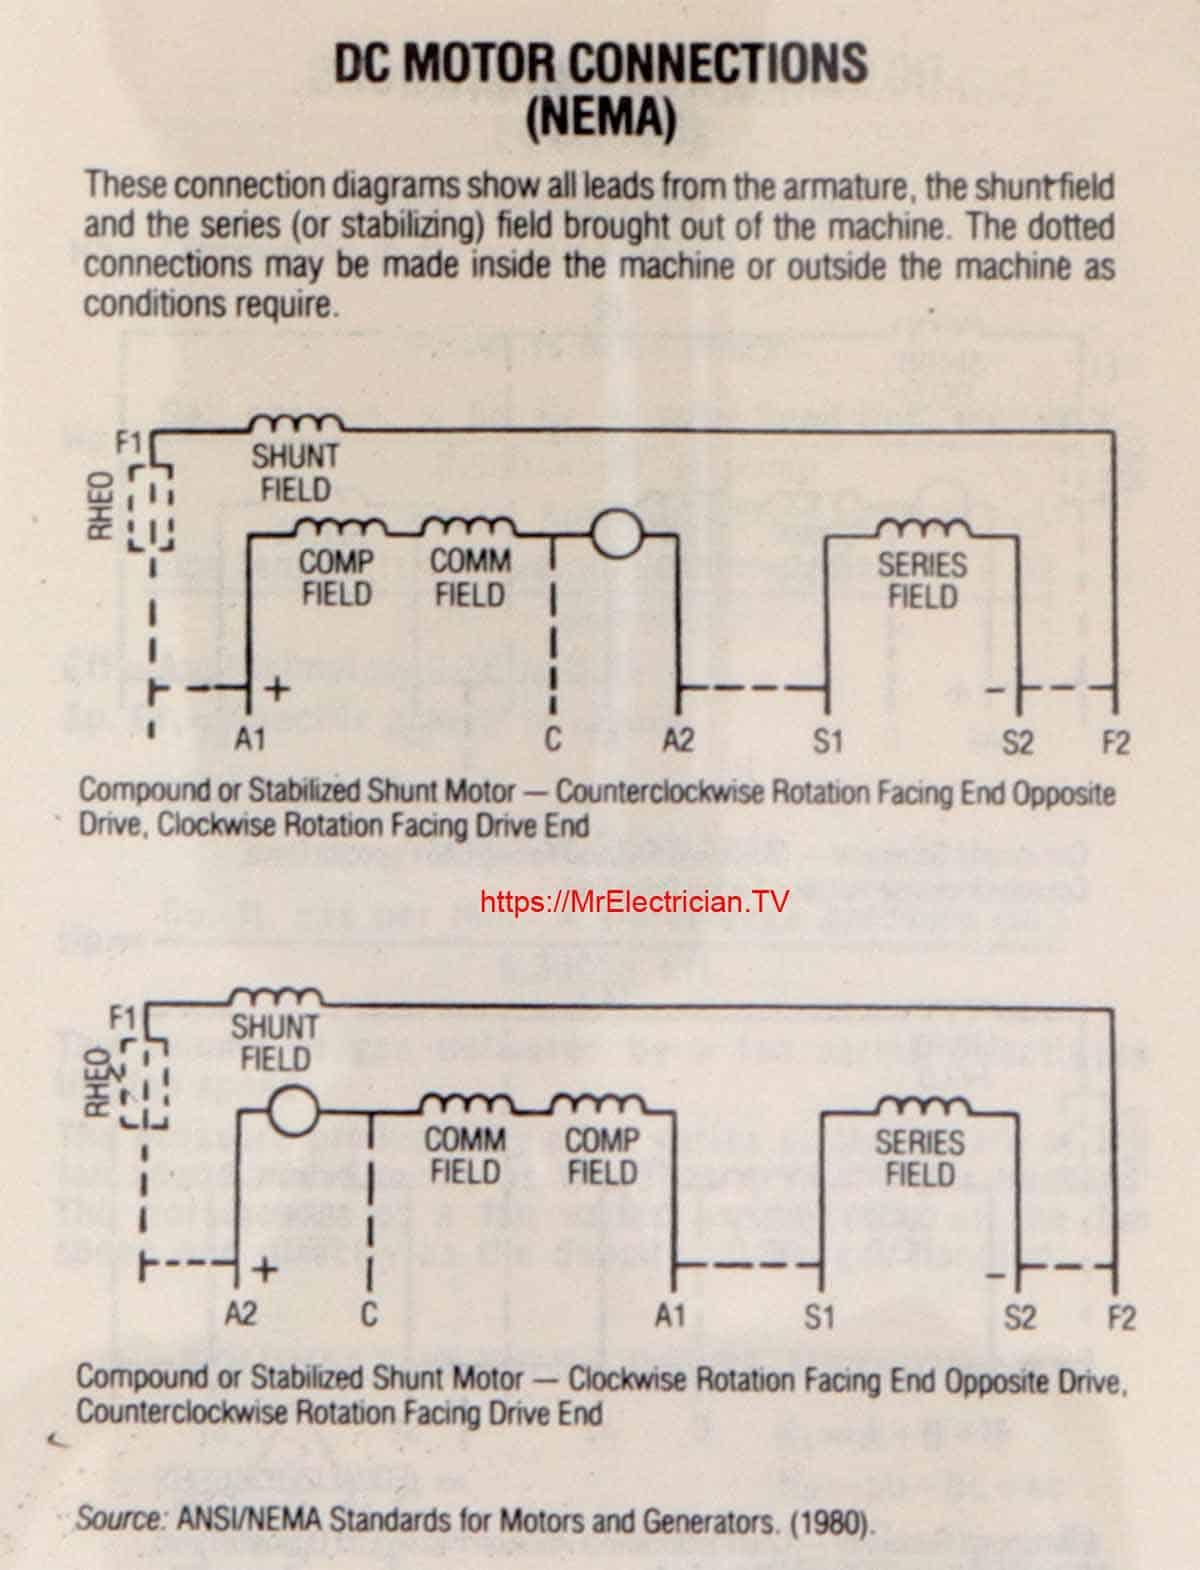 Capacitor Start Motor Wiring Diagram : capacitor, start, motor, wiring, diagram, Single, Phase, Electric, Motor, Diagrams